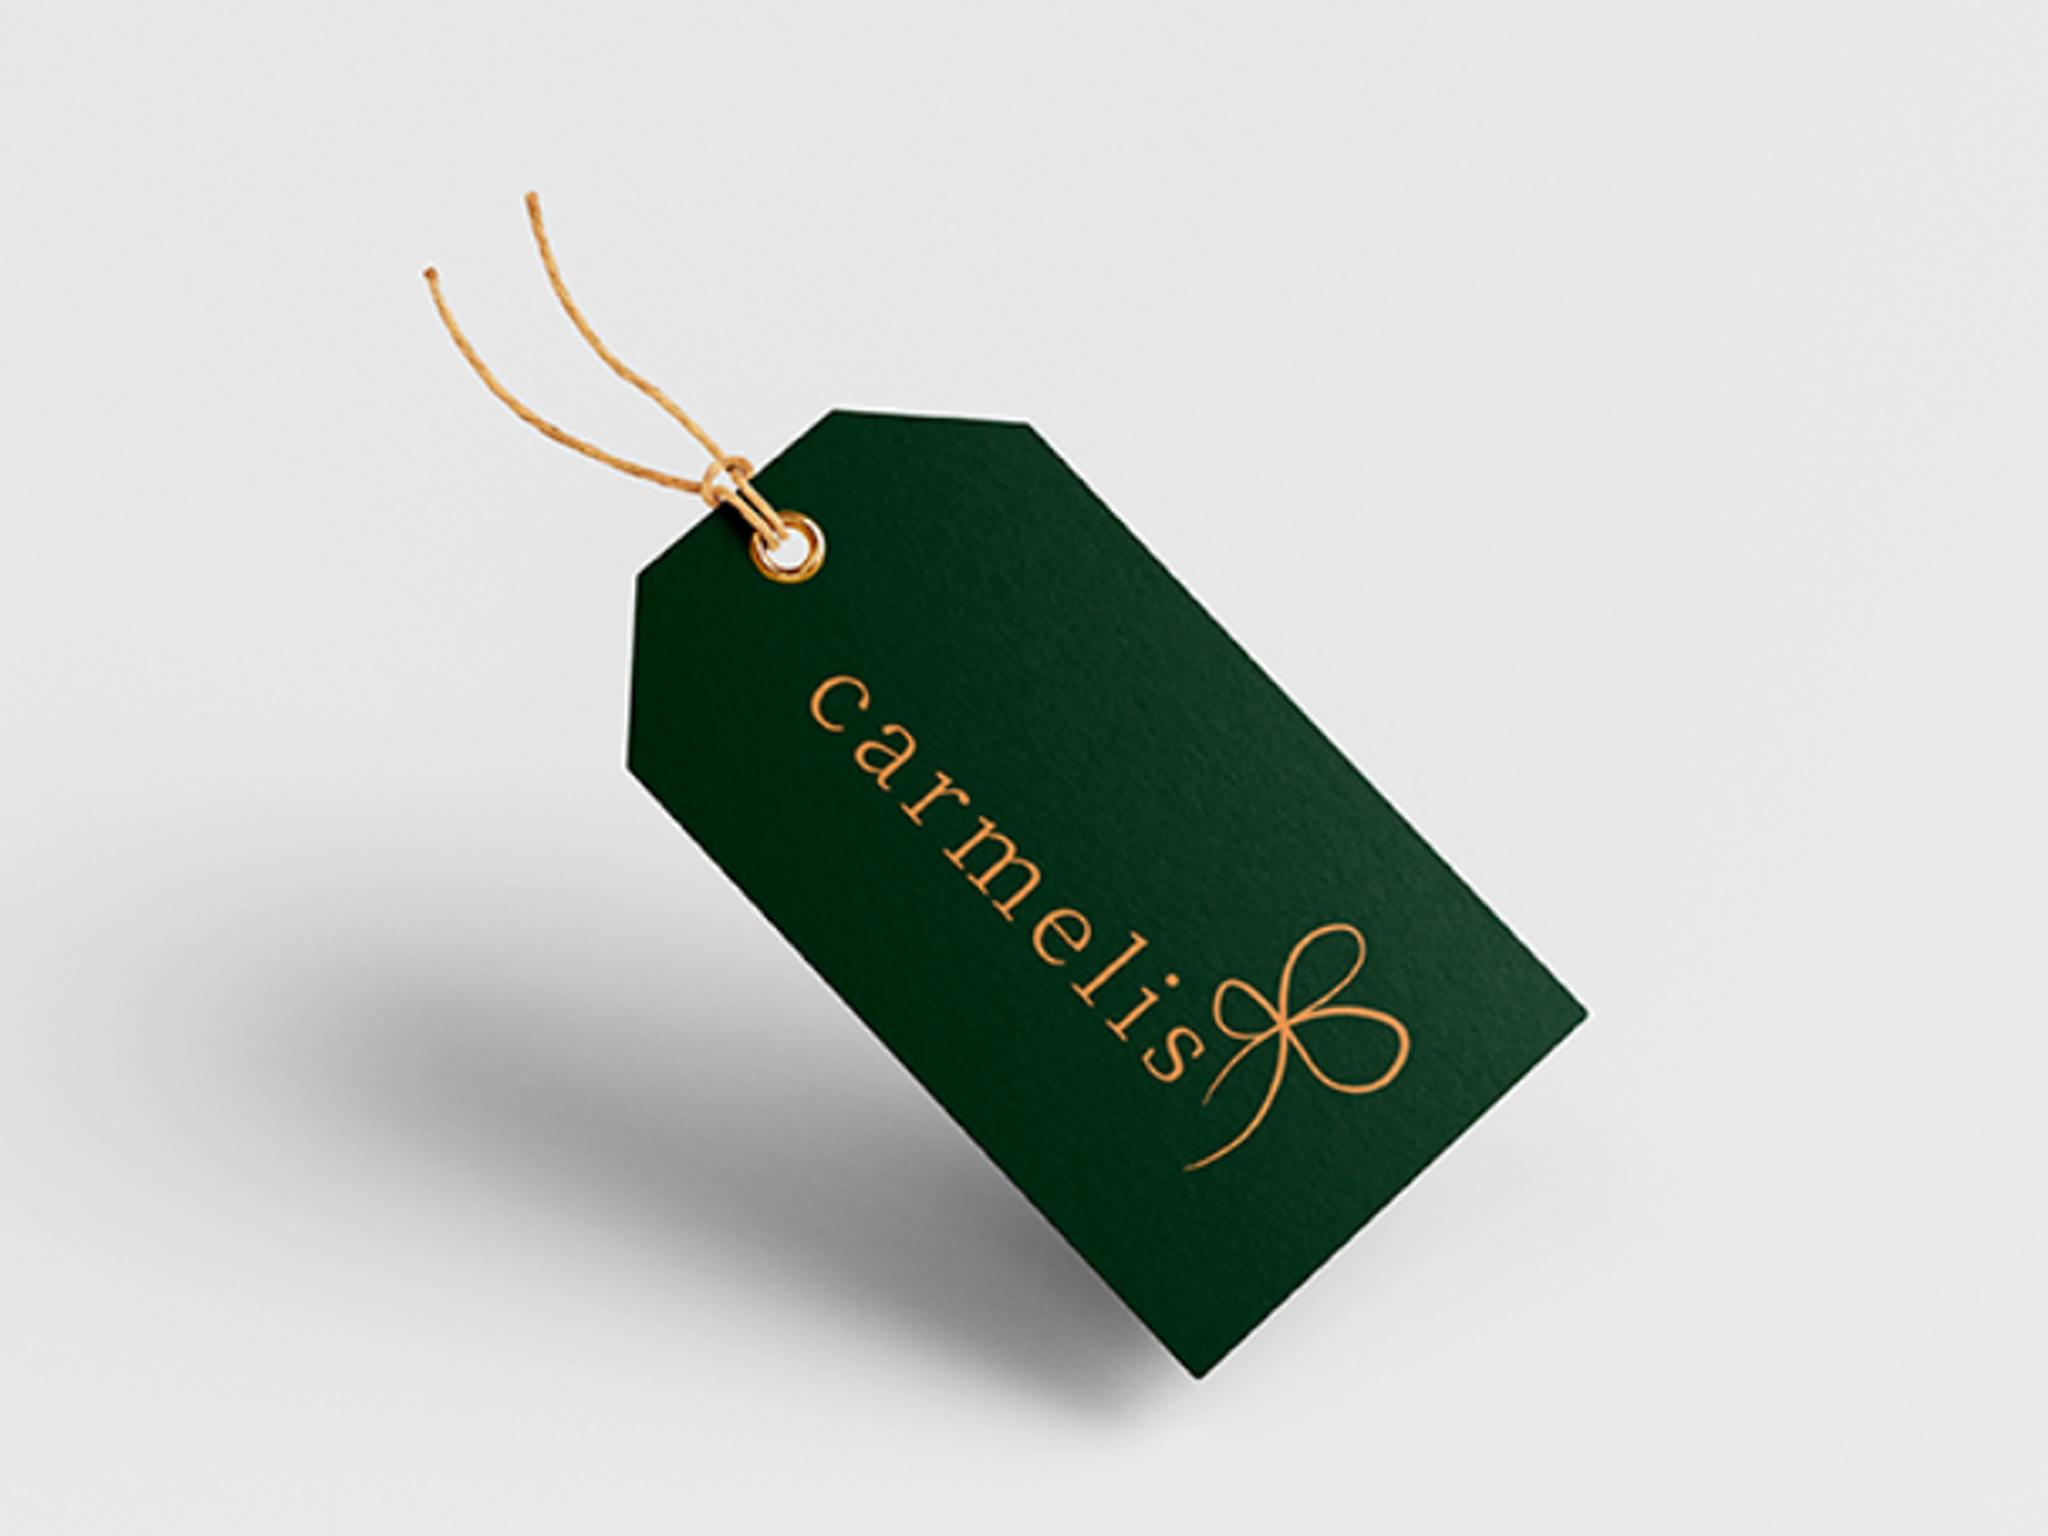 Etiquet verde escuro com o nome da carmelis e a logo em dourado